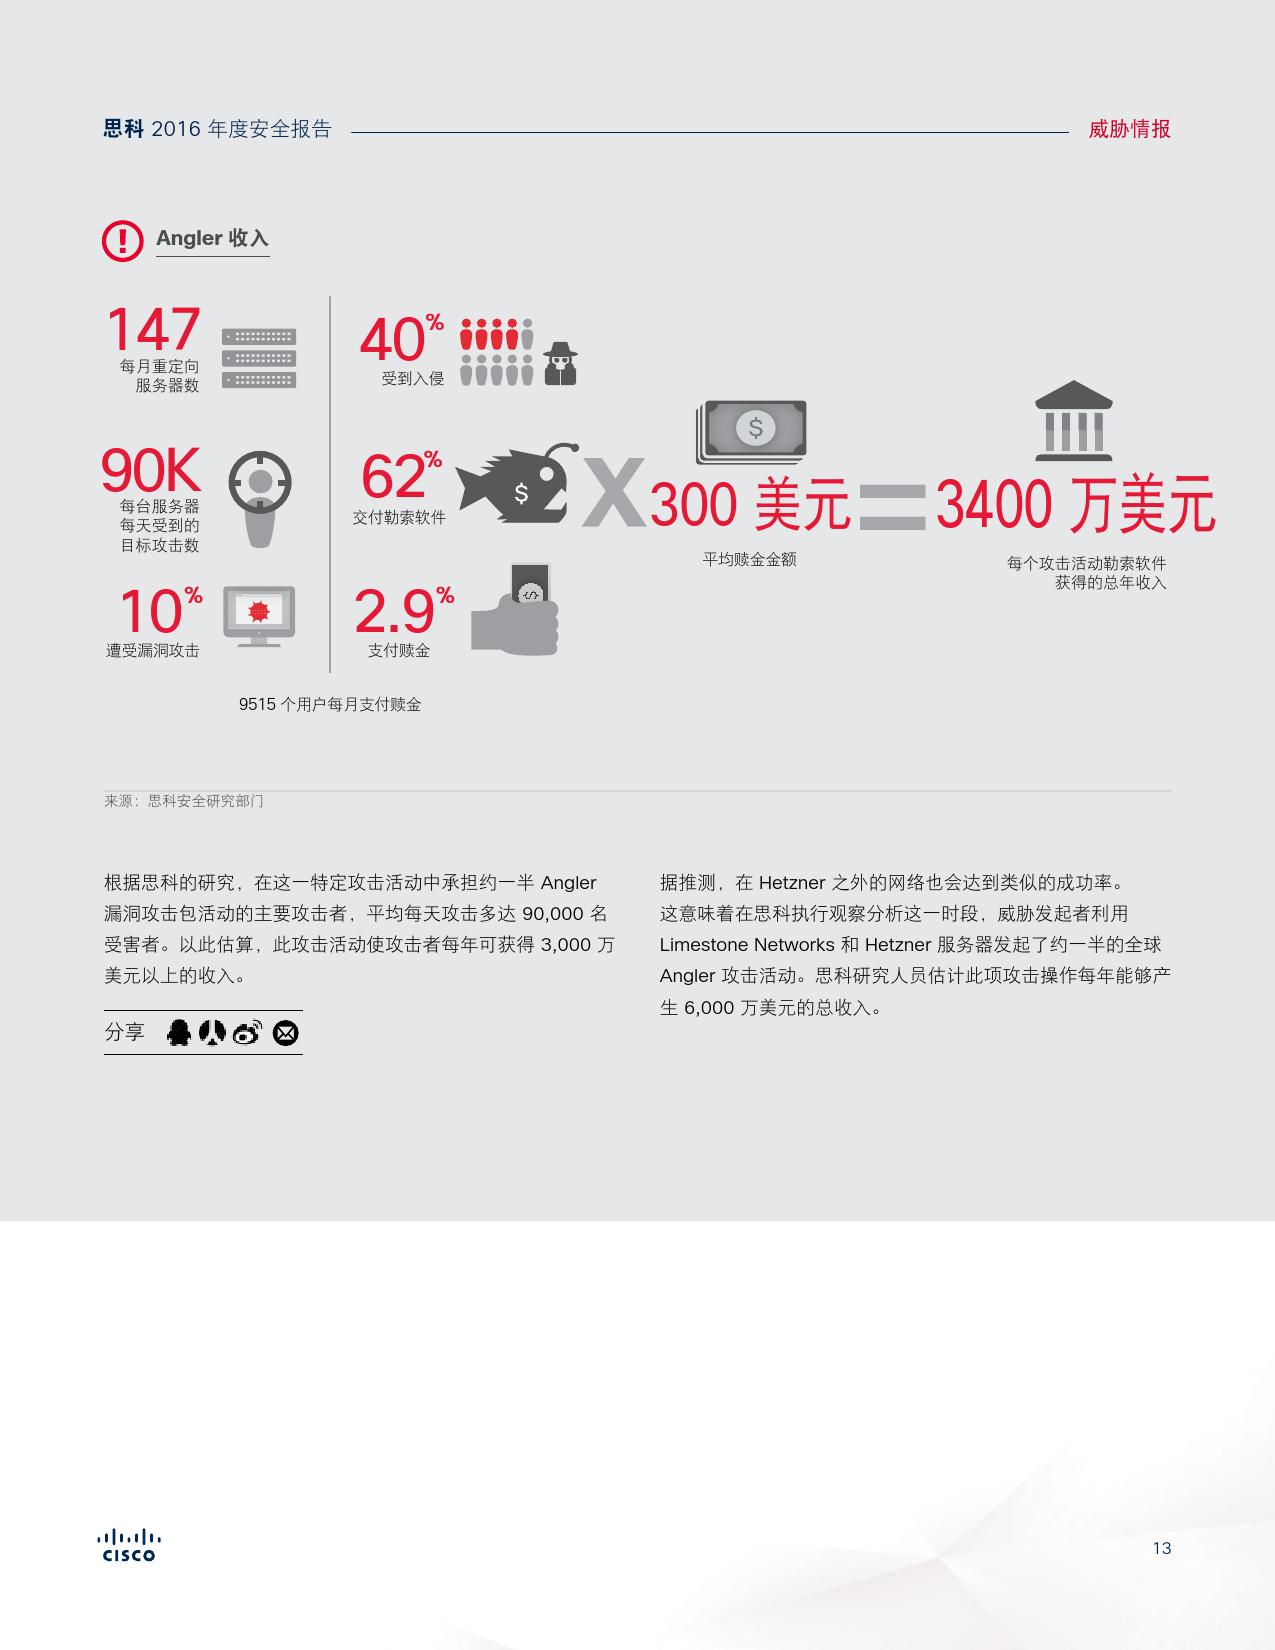 2016年中网络安全报告_000013